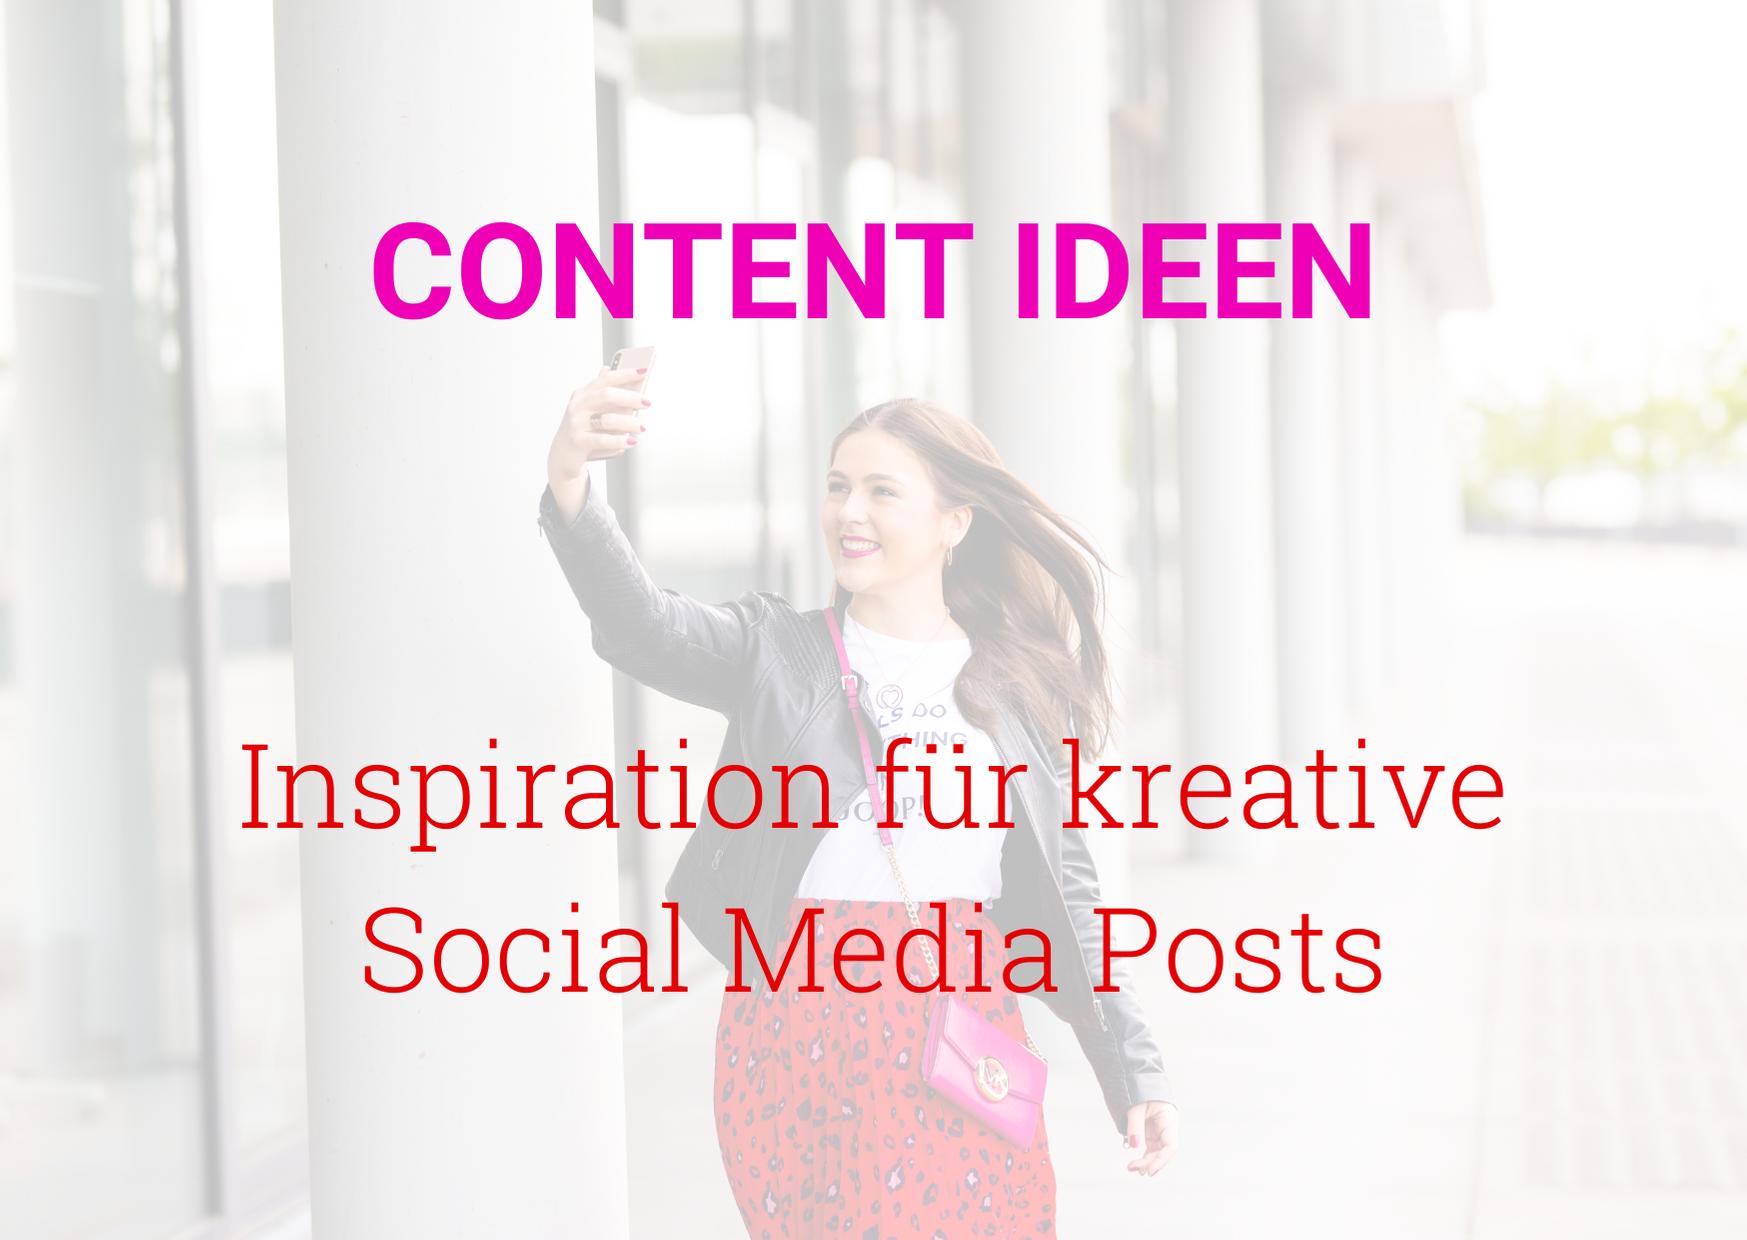 Social Media Content Ideen